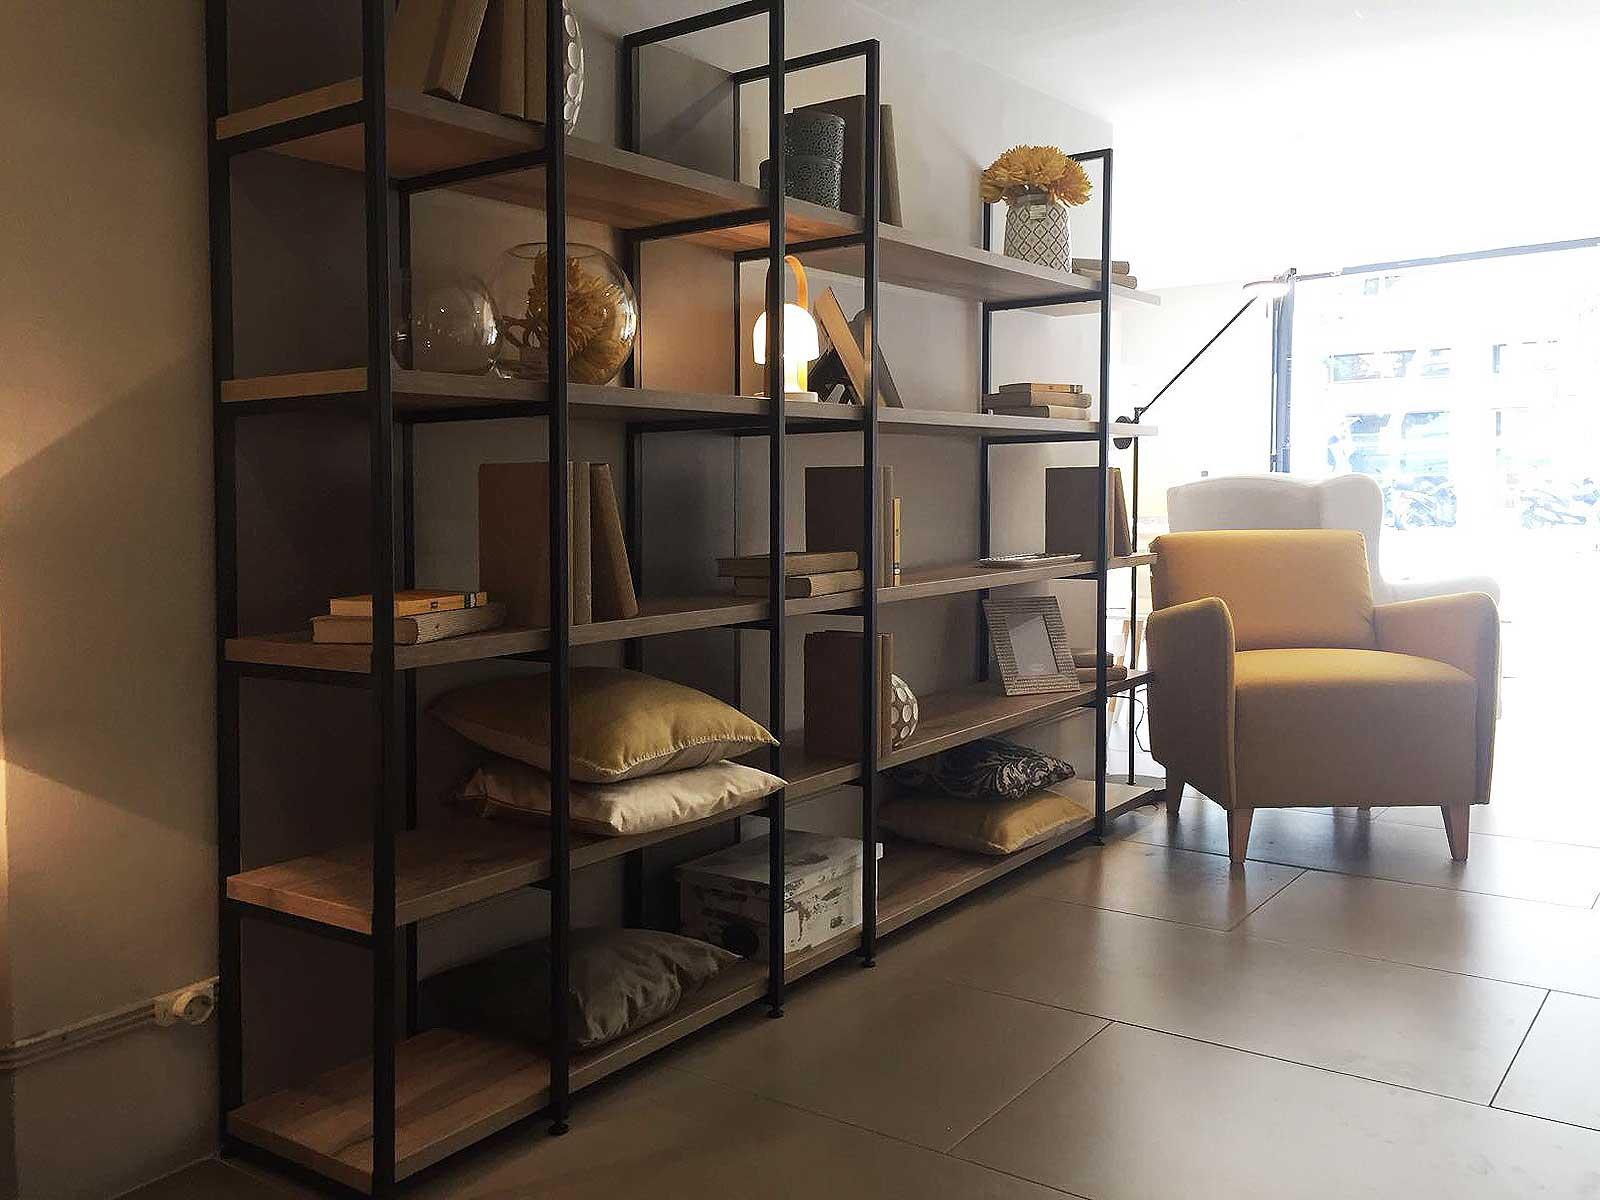 Muebles de cocina jofer obtenga ideas dise o de muebles para su hogar aqu - Muebles en cerdanyola ...